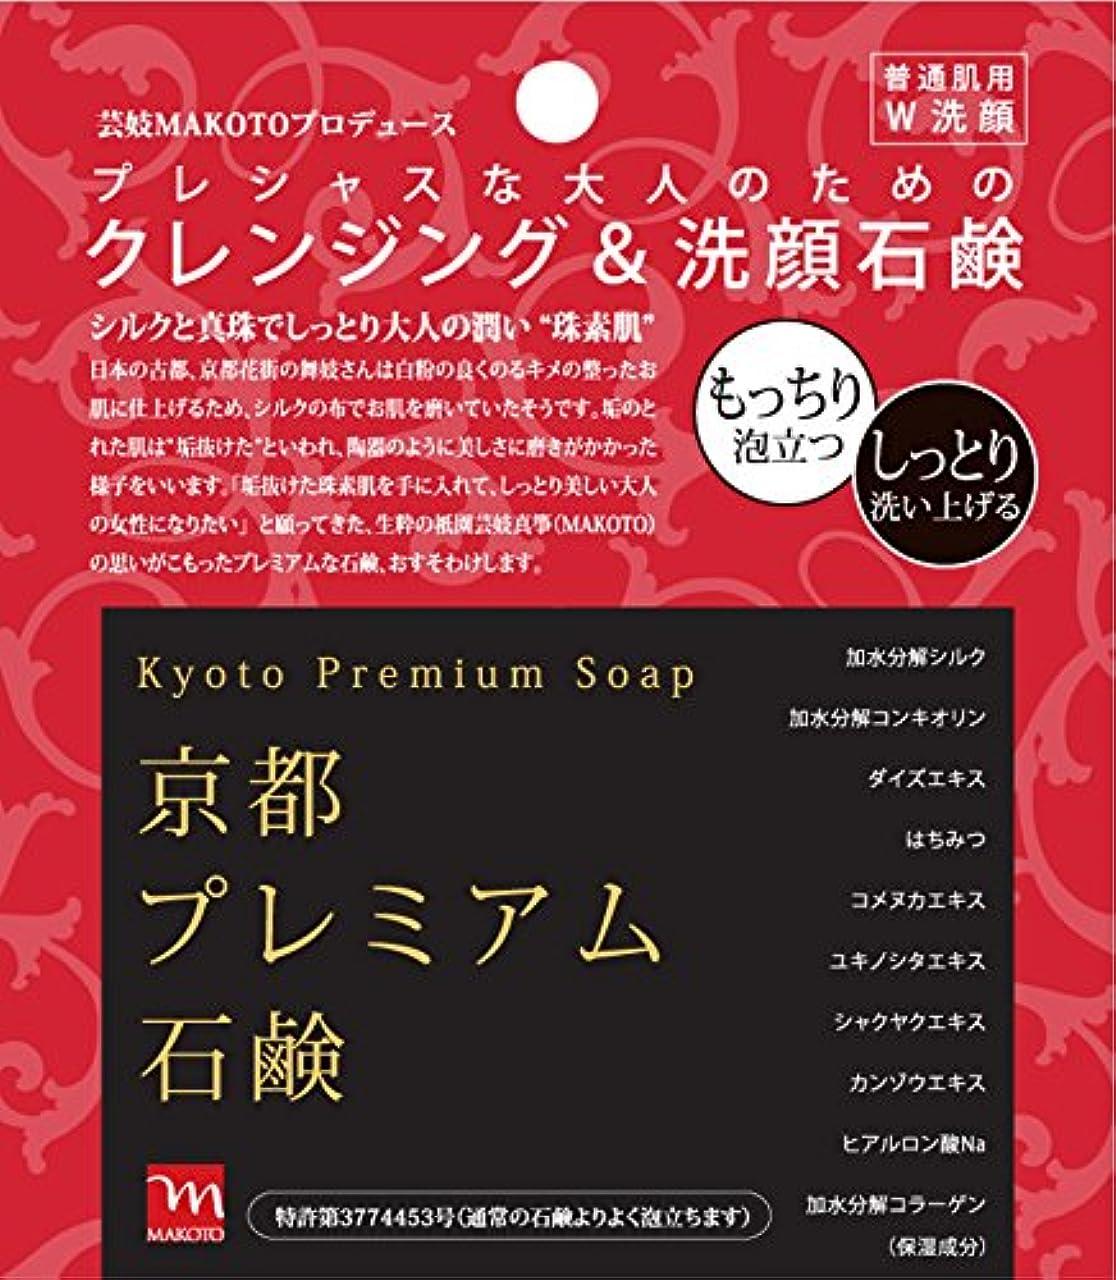 役割大型トラック引用京都プレミアム石鹸 クレンジング&洗顔石鹸 しっとり もっちり 芸妓さん監修